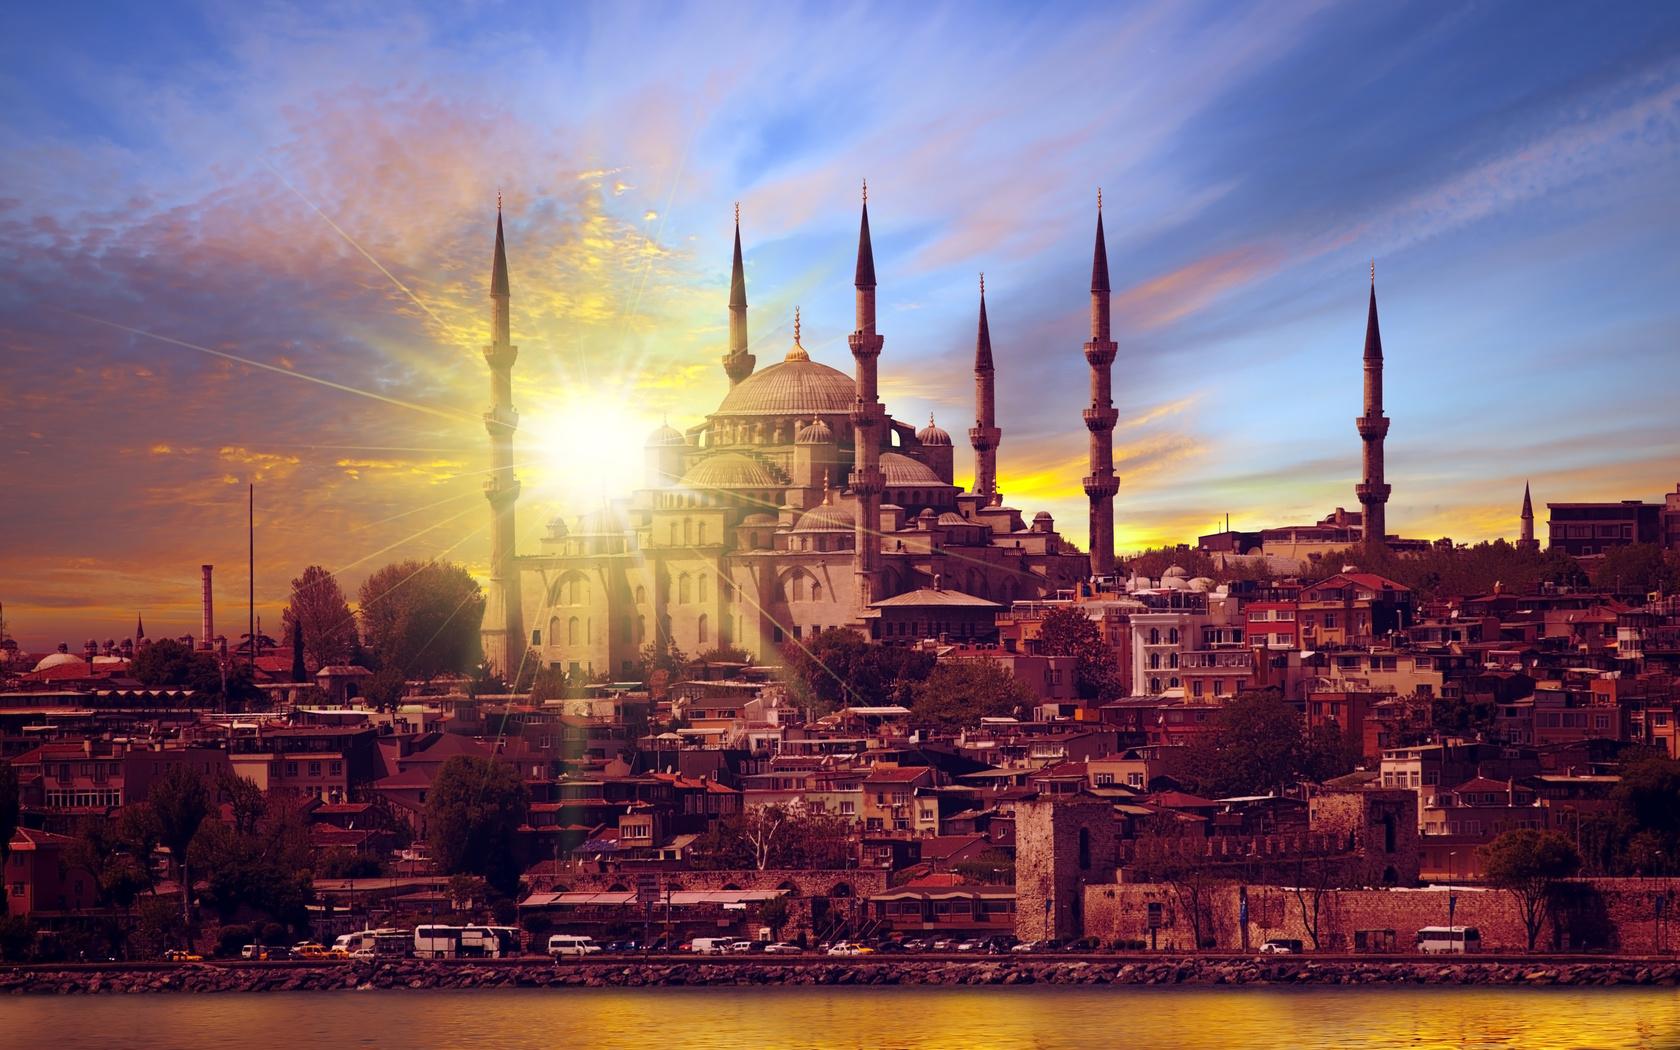 Стамбул картинки в хорошем качестве, картинки надписями